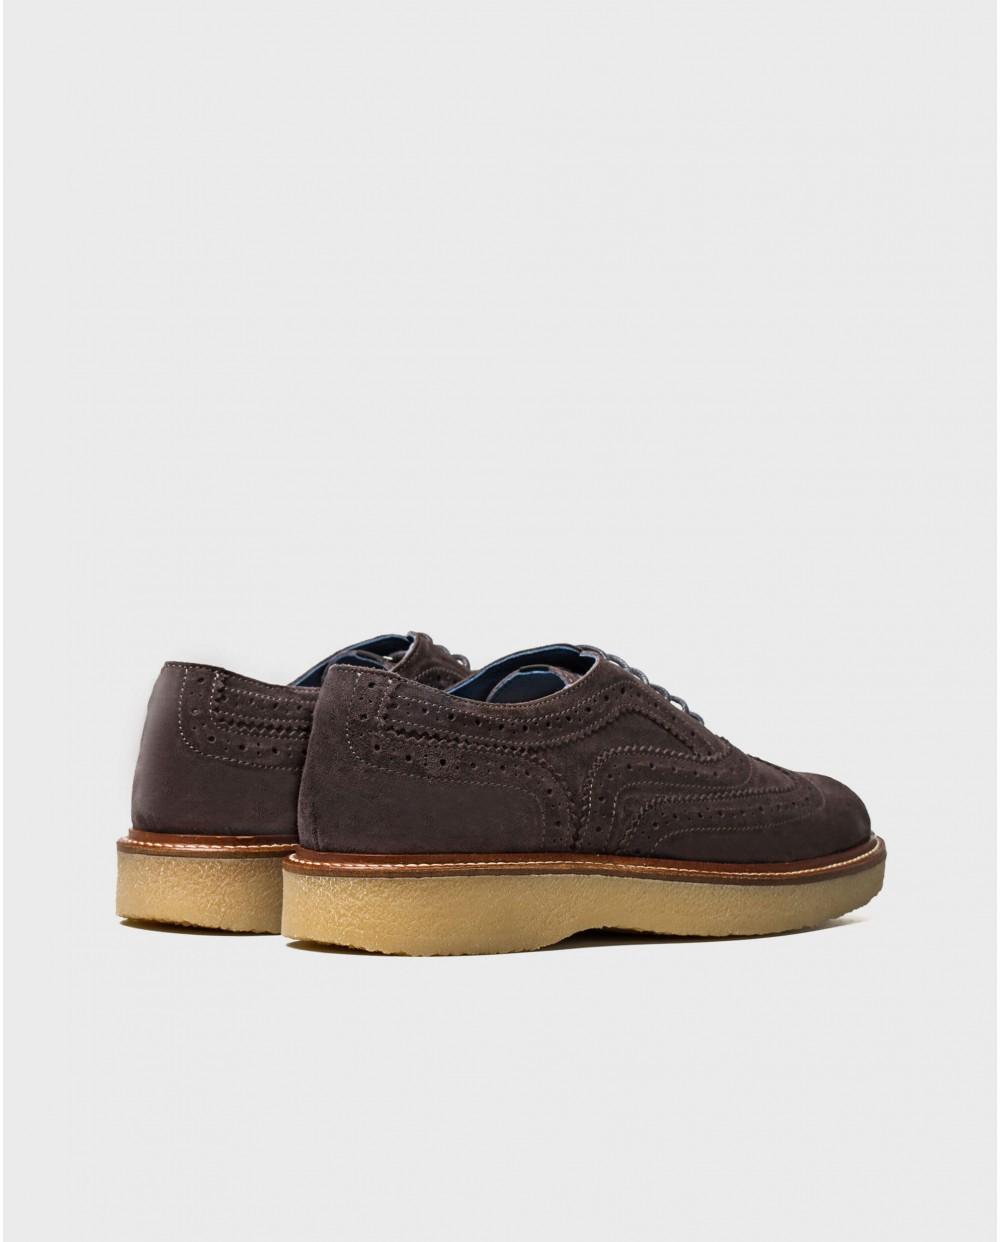 Wonders-Zapatos con cordones-Zapato piel detalle picado